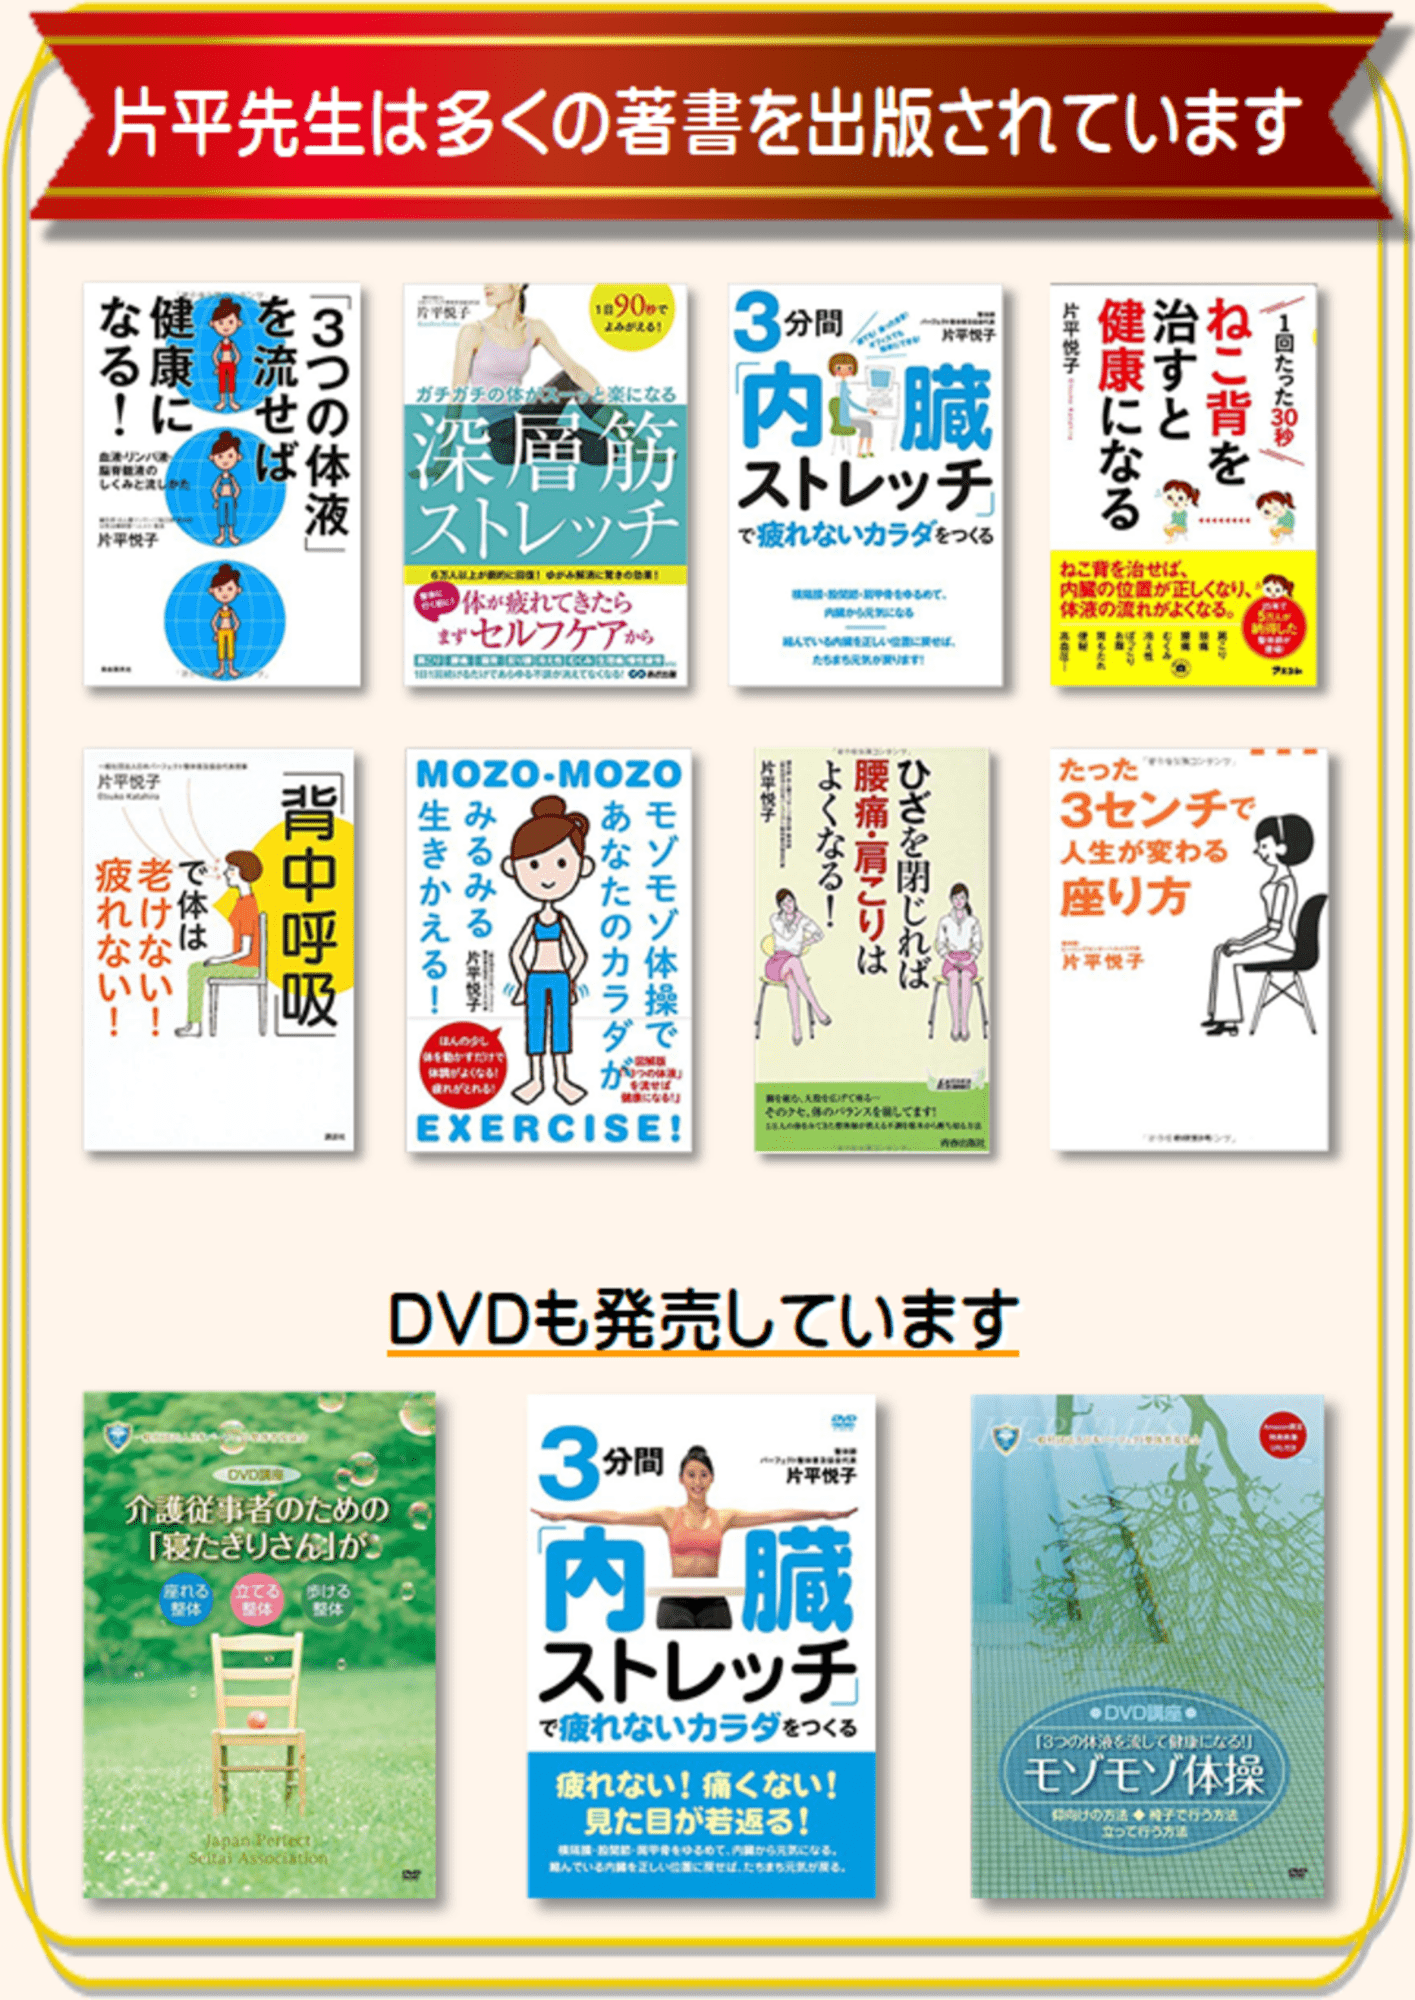 片平先生は多くの著書を出版されています